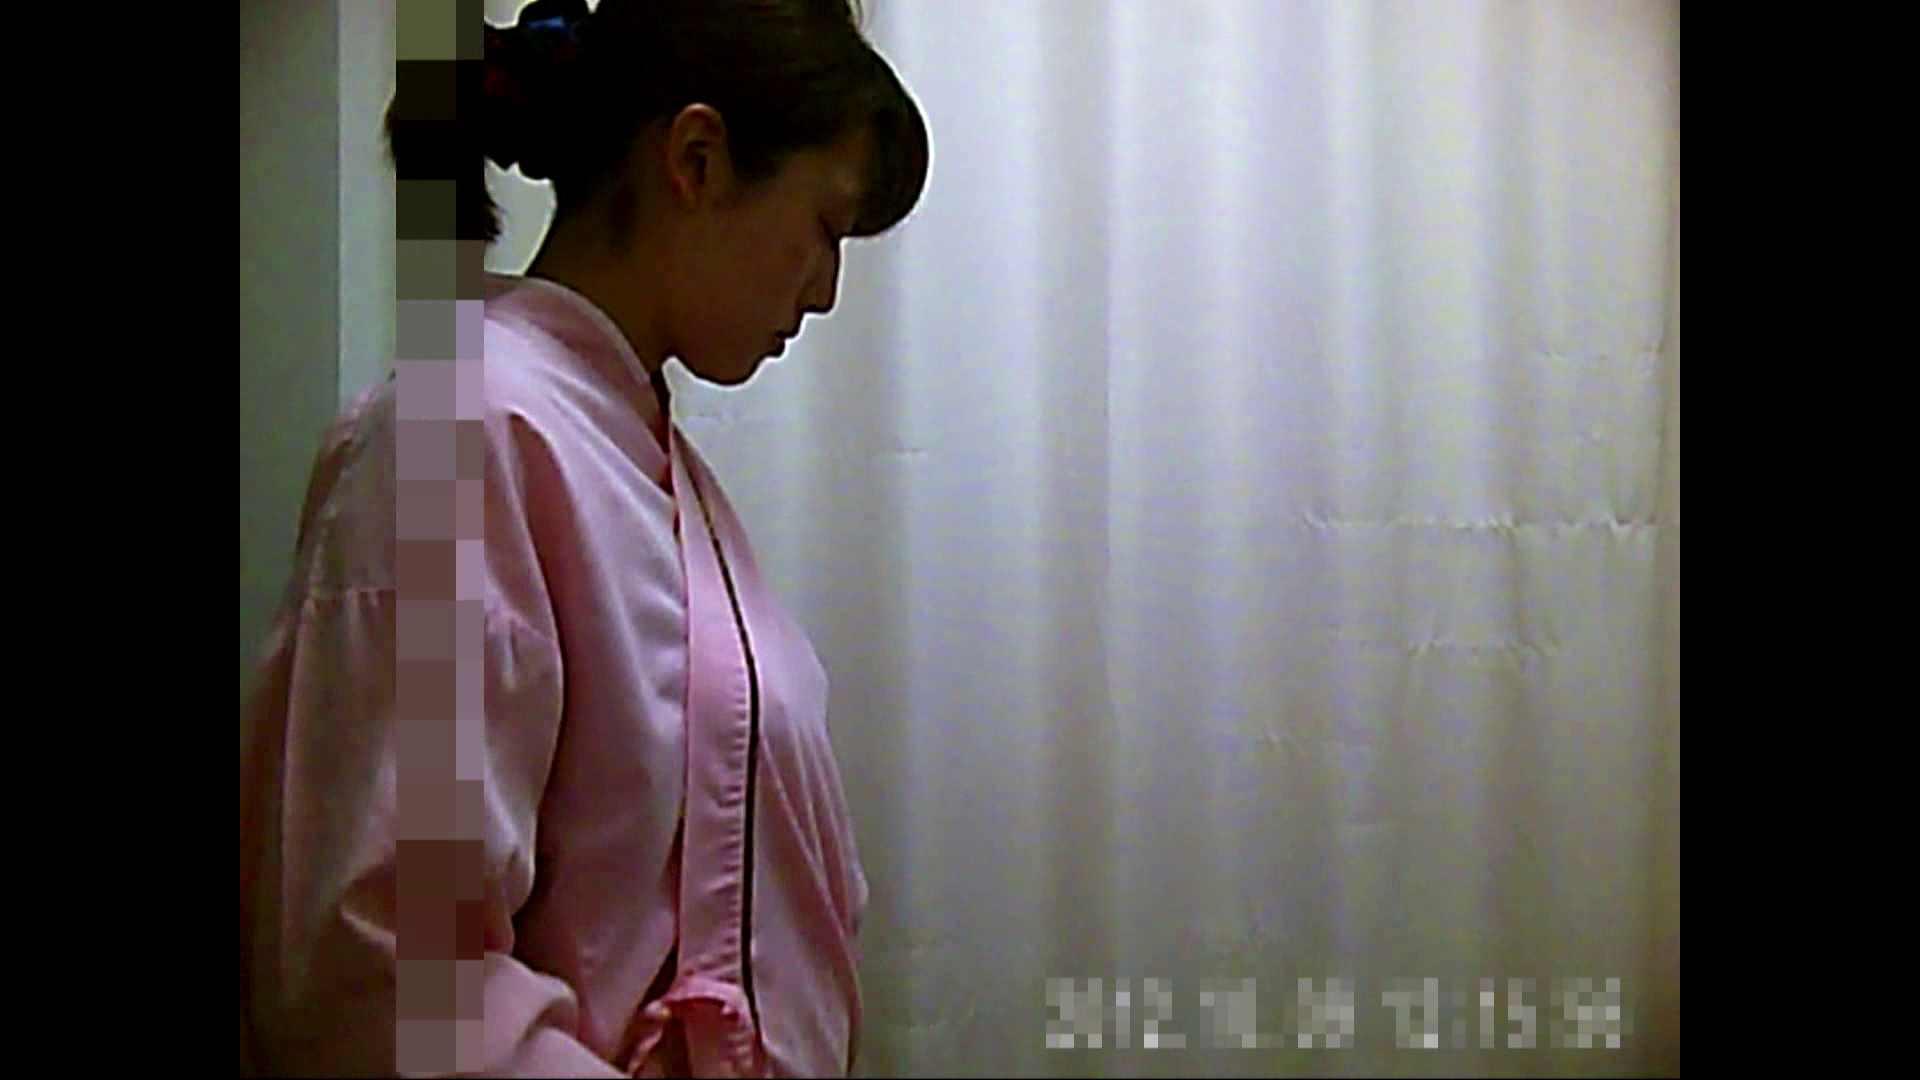 元医者による反抗 更衣室地獄絵巻 vol.066 エッチなお姉さん セックス画像 79画像 56